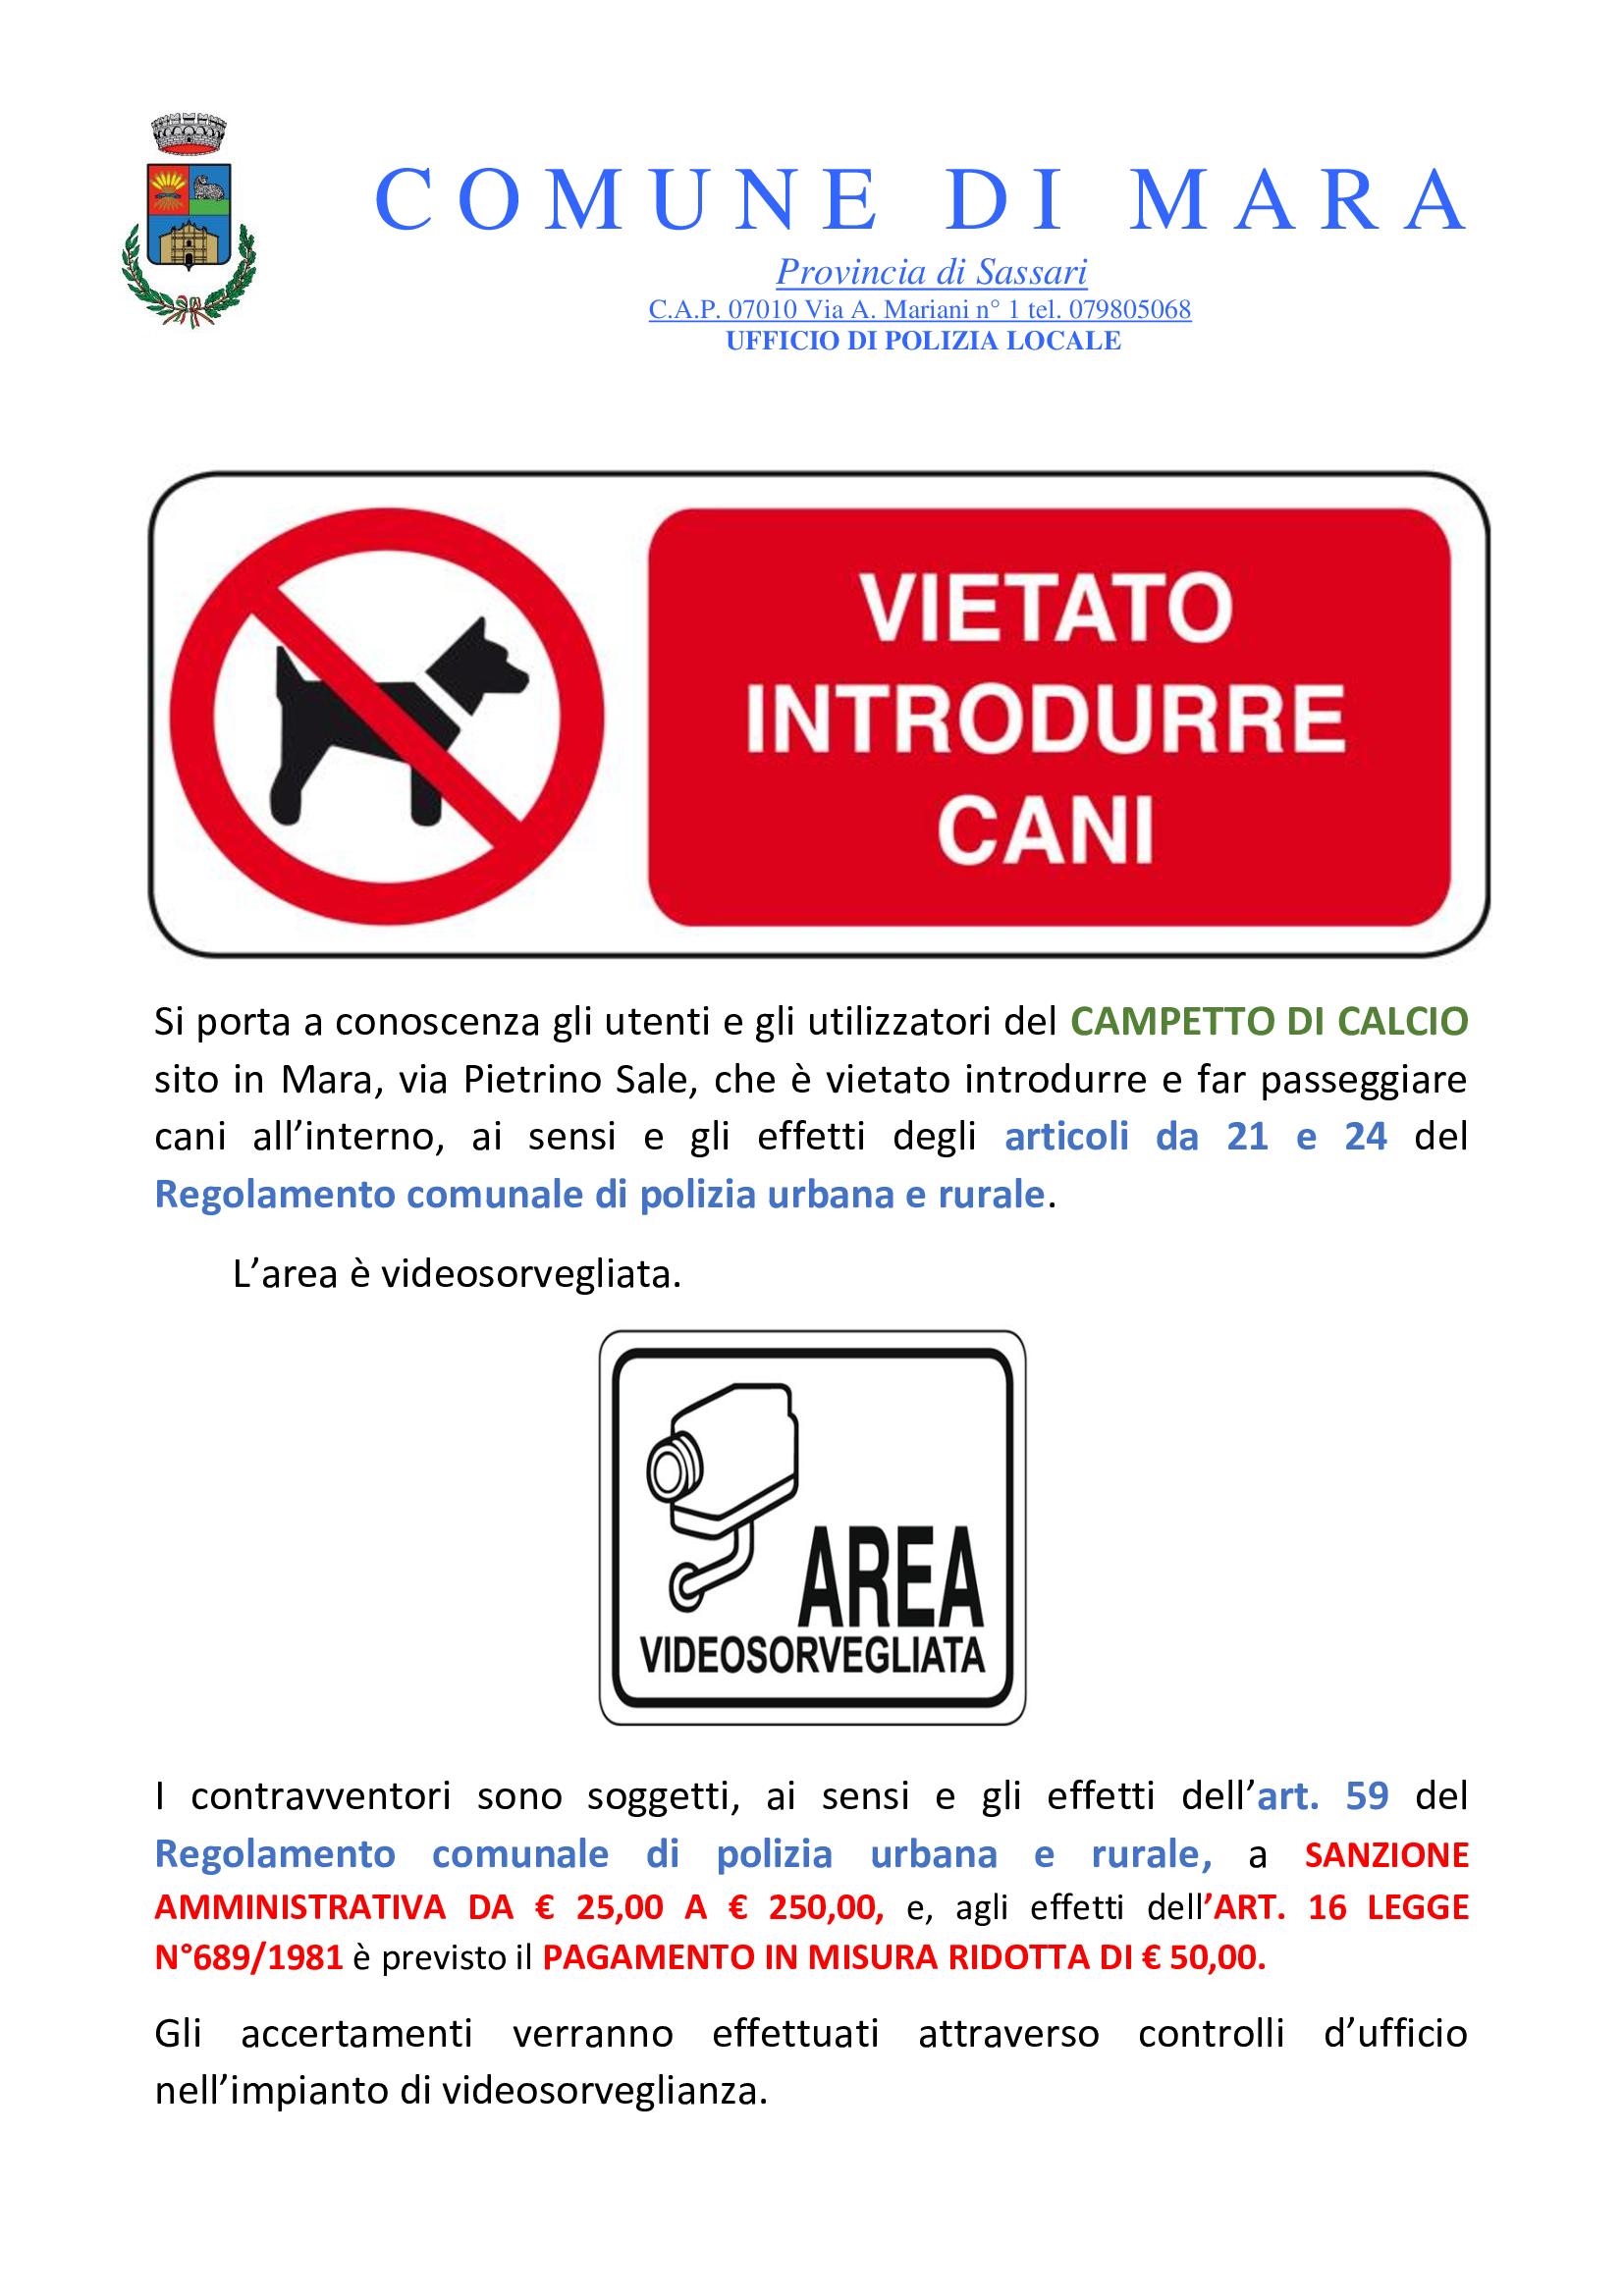 DIVIETO INTRODUZIONE CANI NEL CAMPETTO DI CALCIO DI VIA P.SALE